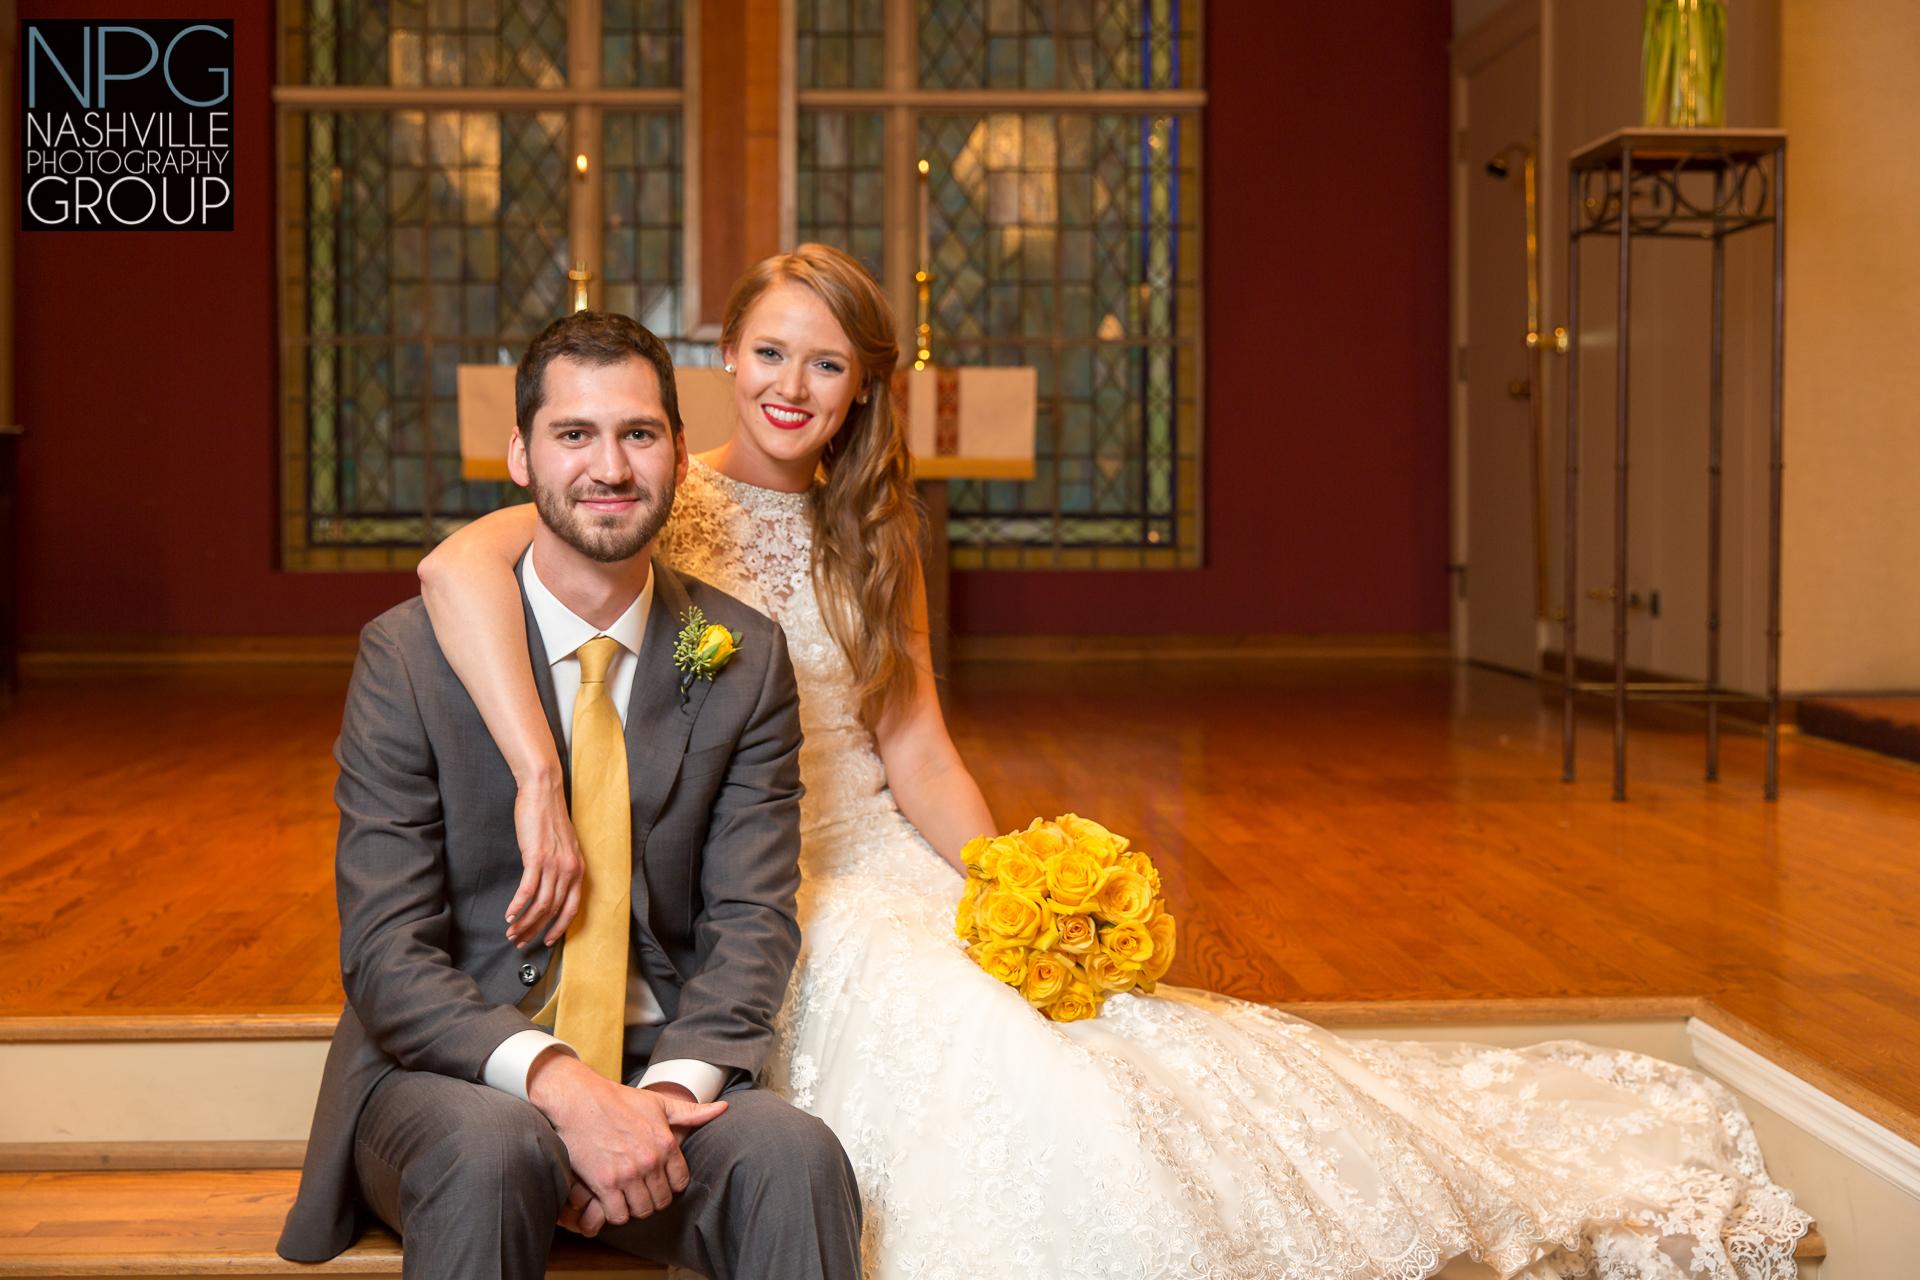 Nashville Photography Group wedding photographers4-3.jpg